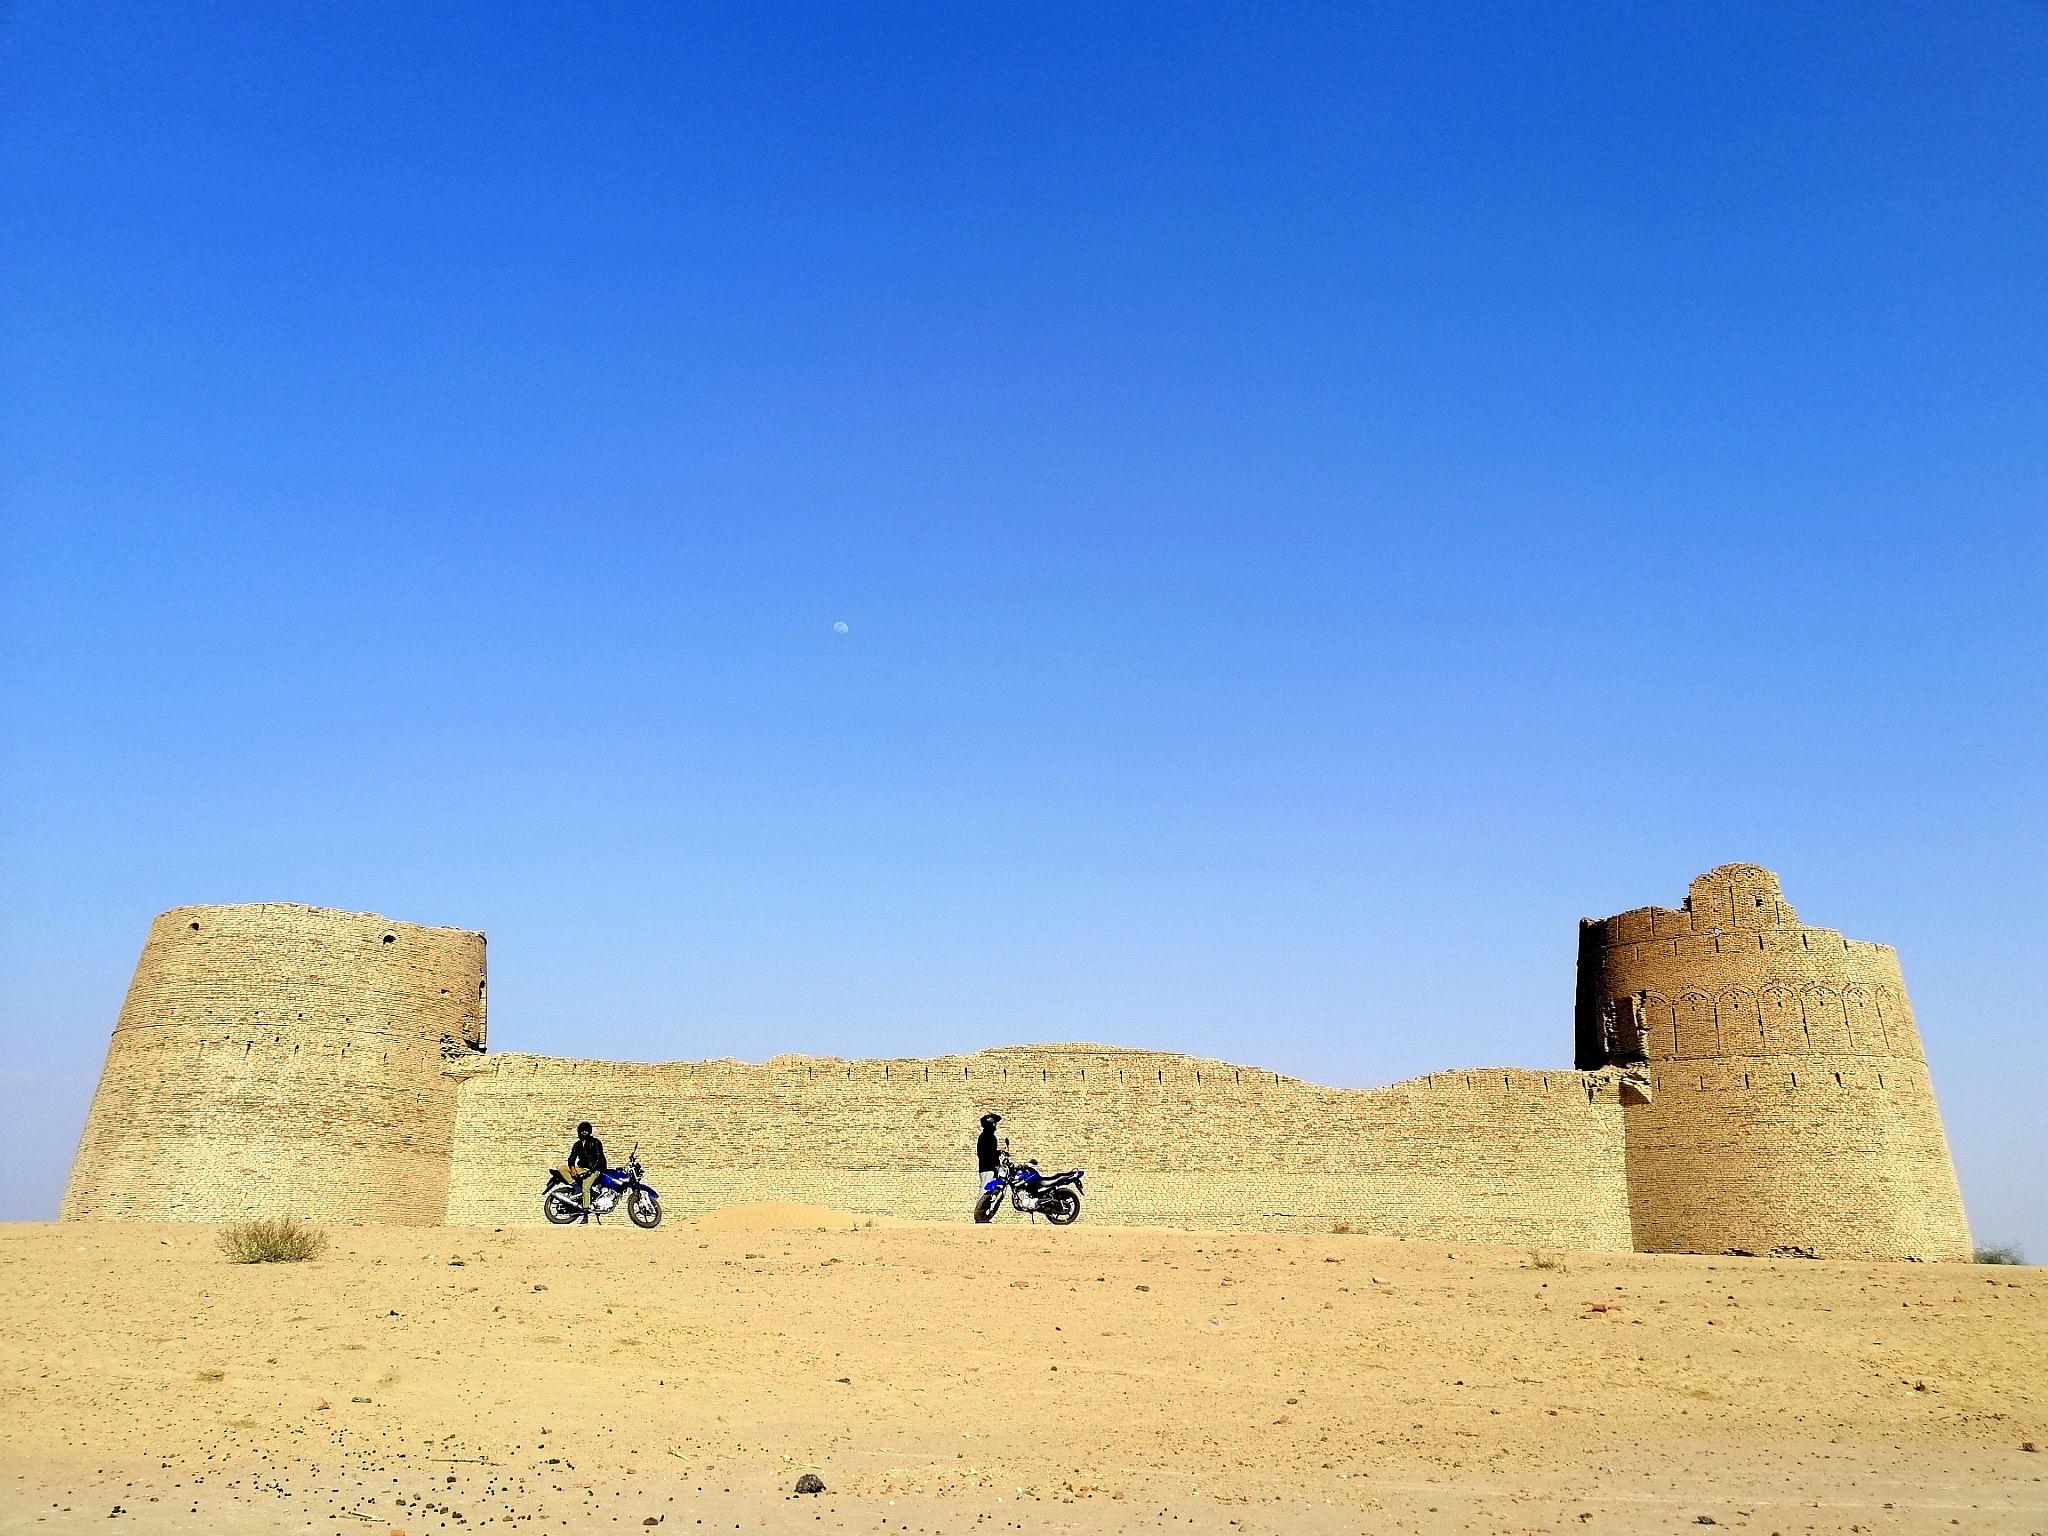 Musafir (Traveller)  by Ali Danial Asif